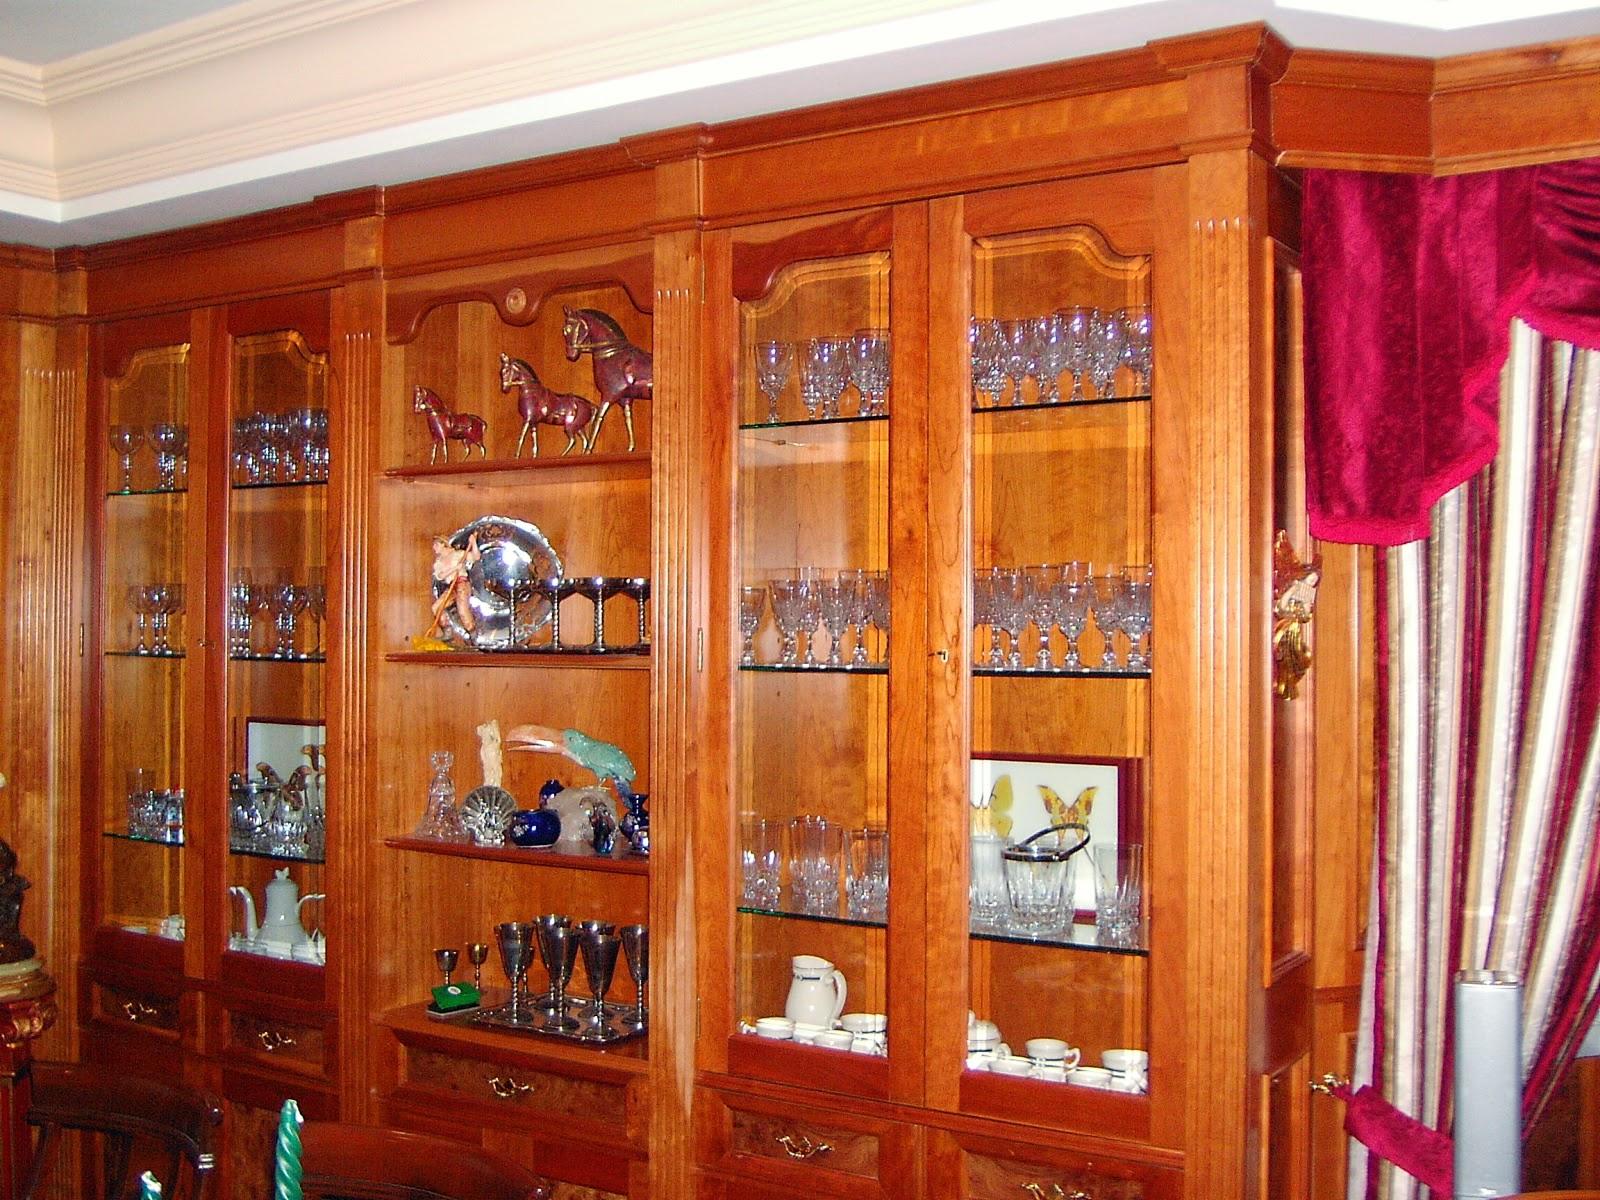 Muebles La Sagra Catalogo Natural Mobel Venta Muebles Cocina  # Muebles Paquito